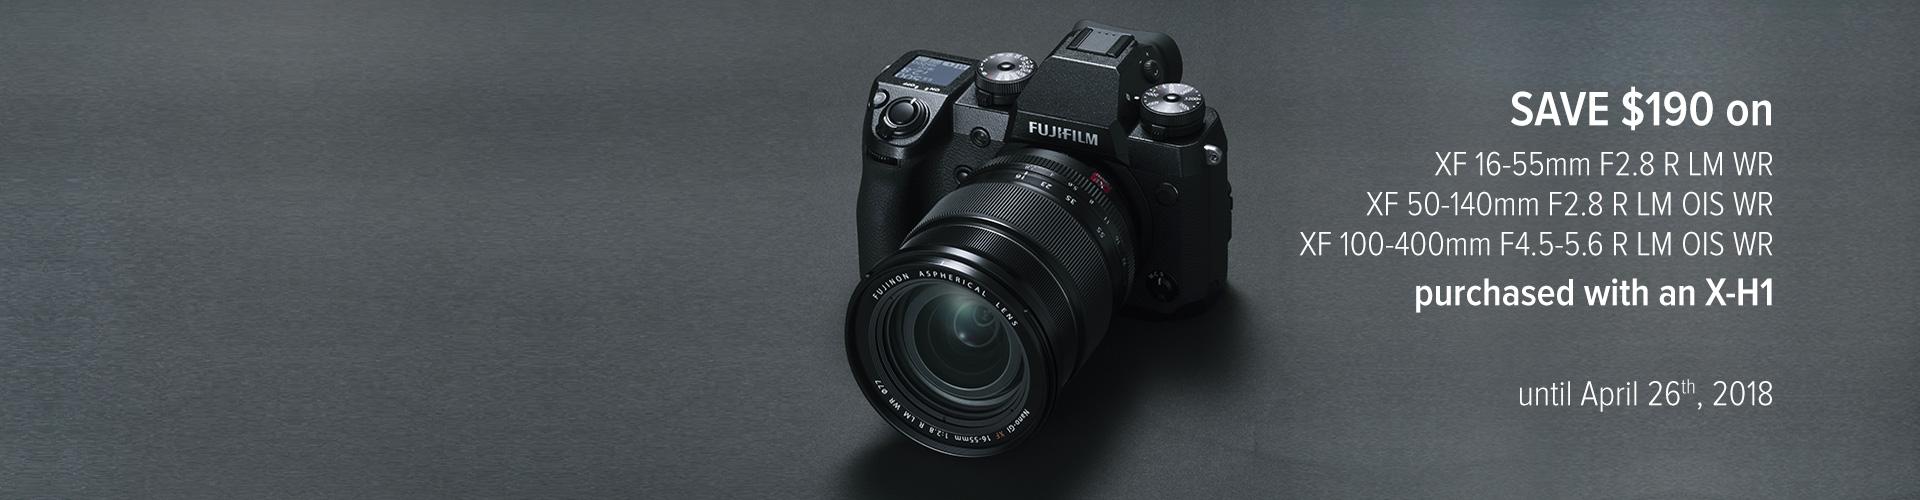 030518-fujifilmpromo-7.jpg